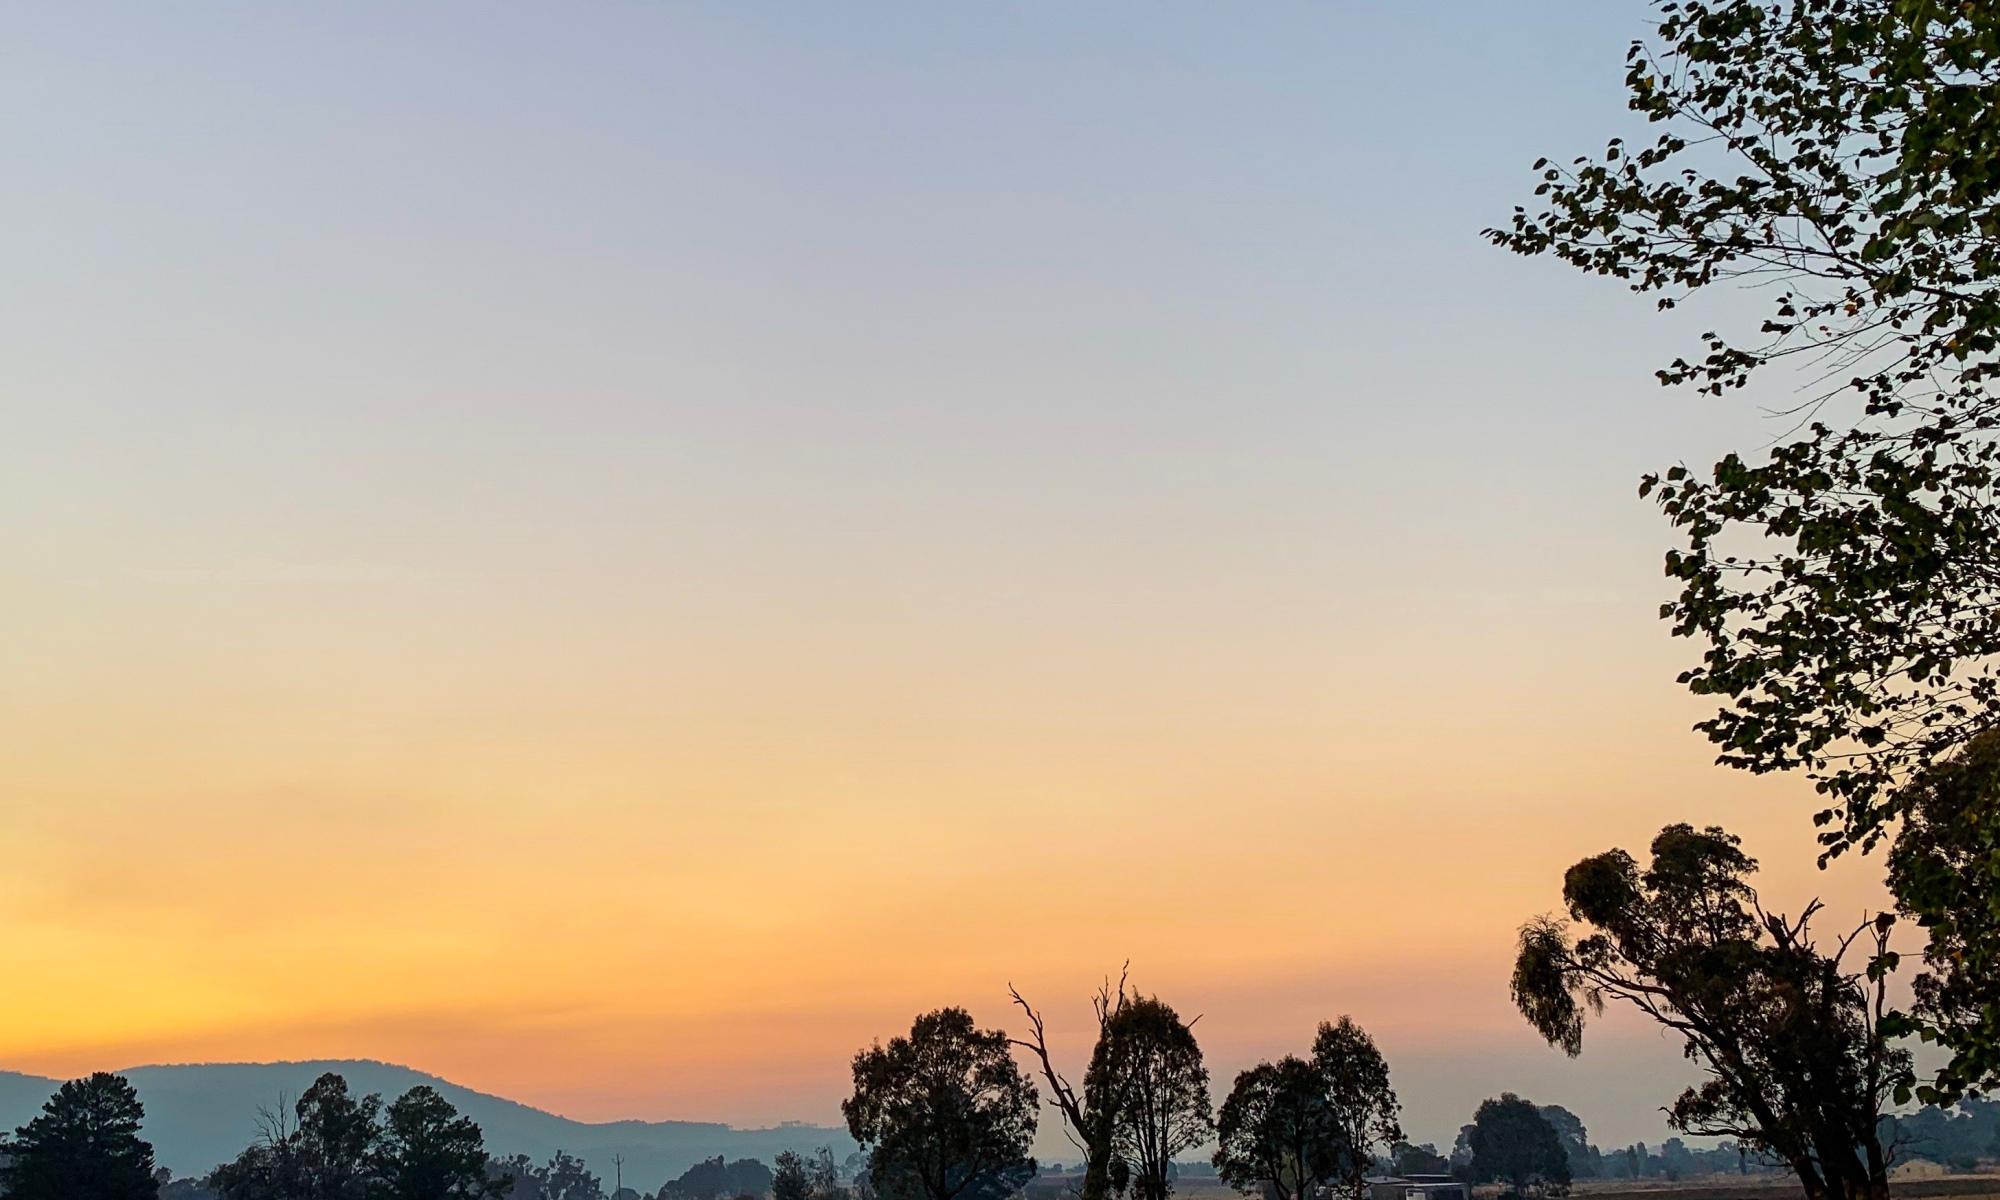 Morning sky over Tumbarumba